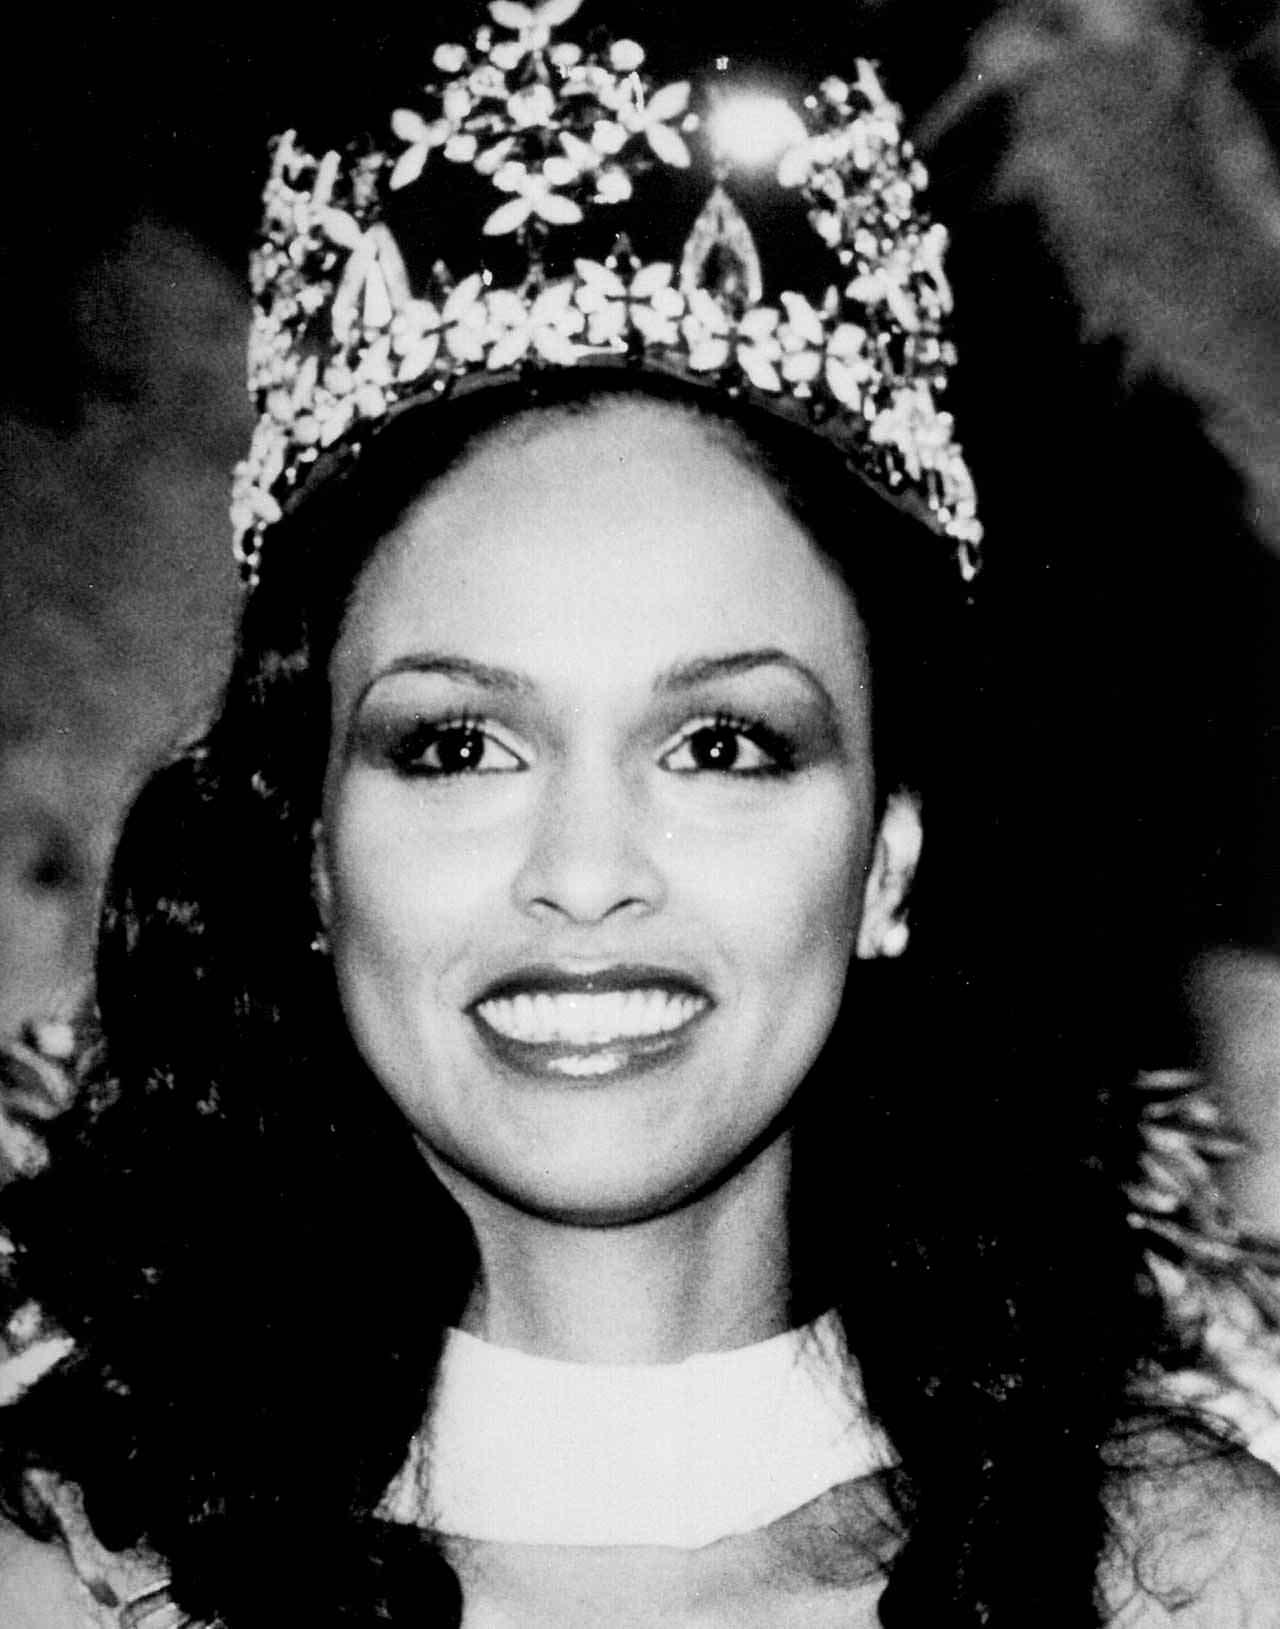 Фото | Мисс Мира 1979 года Джина Свейнсон